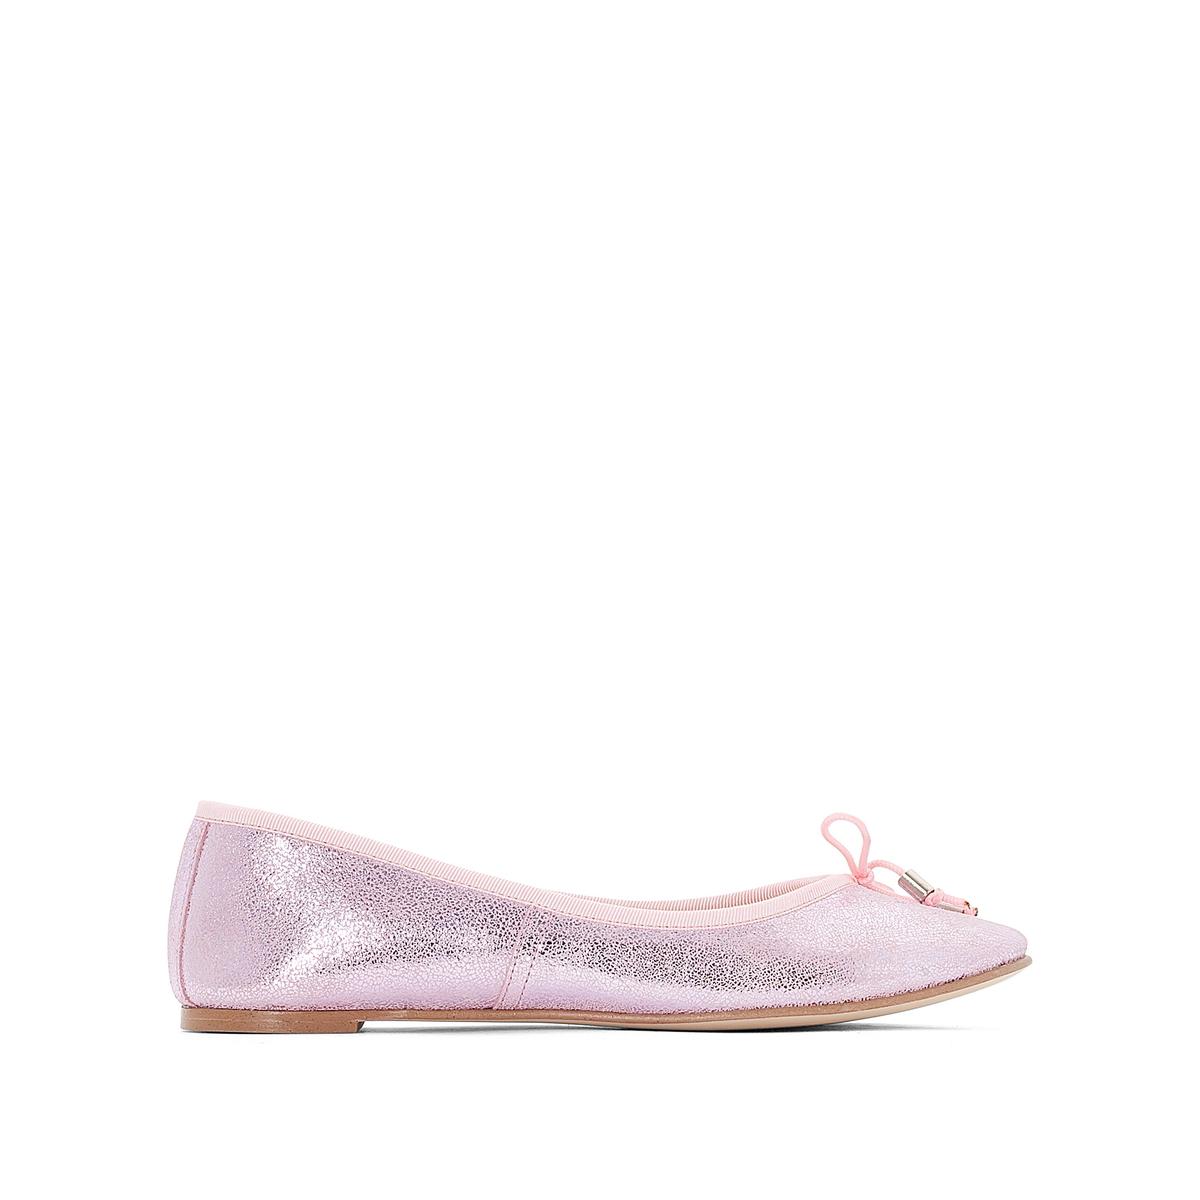 Балетки из кожи DhinВерх : Кожа.   Подкладка : Кожа.   Стелька : Кожа.   Подошва : эластомер   Форма каблука : плоский каблук   Носок : закругленный   Застежка : без застежки<br><br>Цвет: розовый